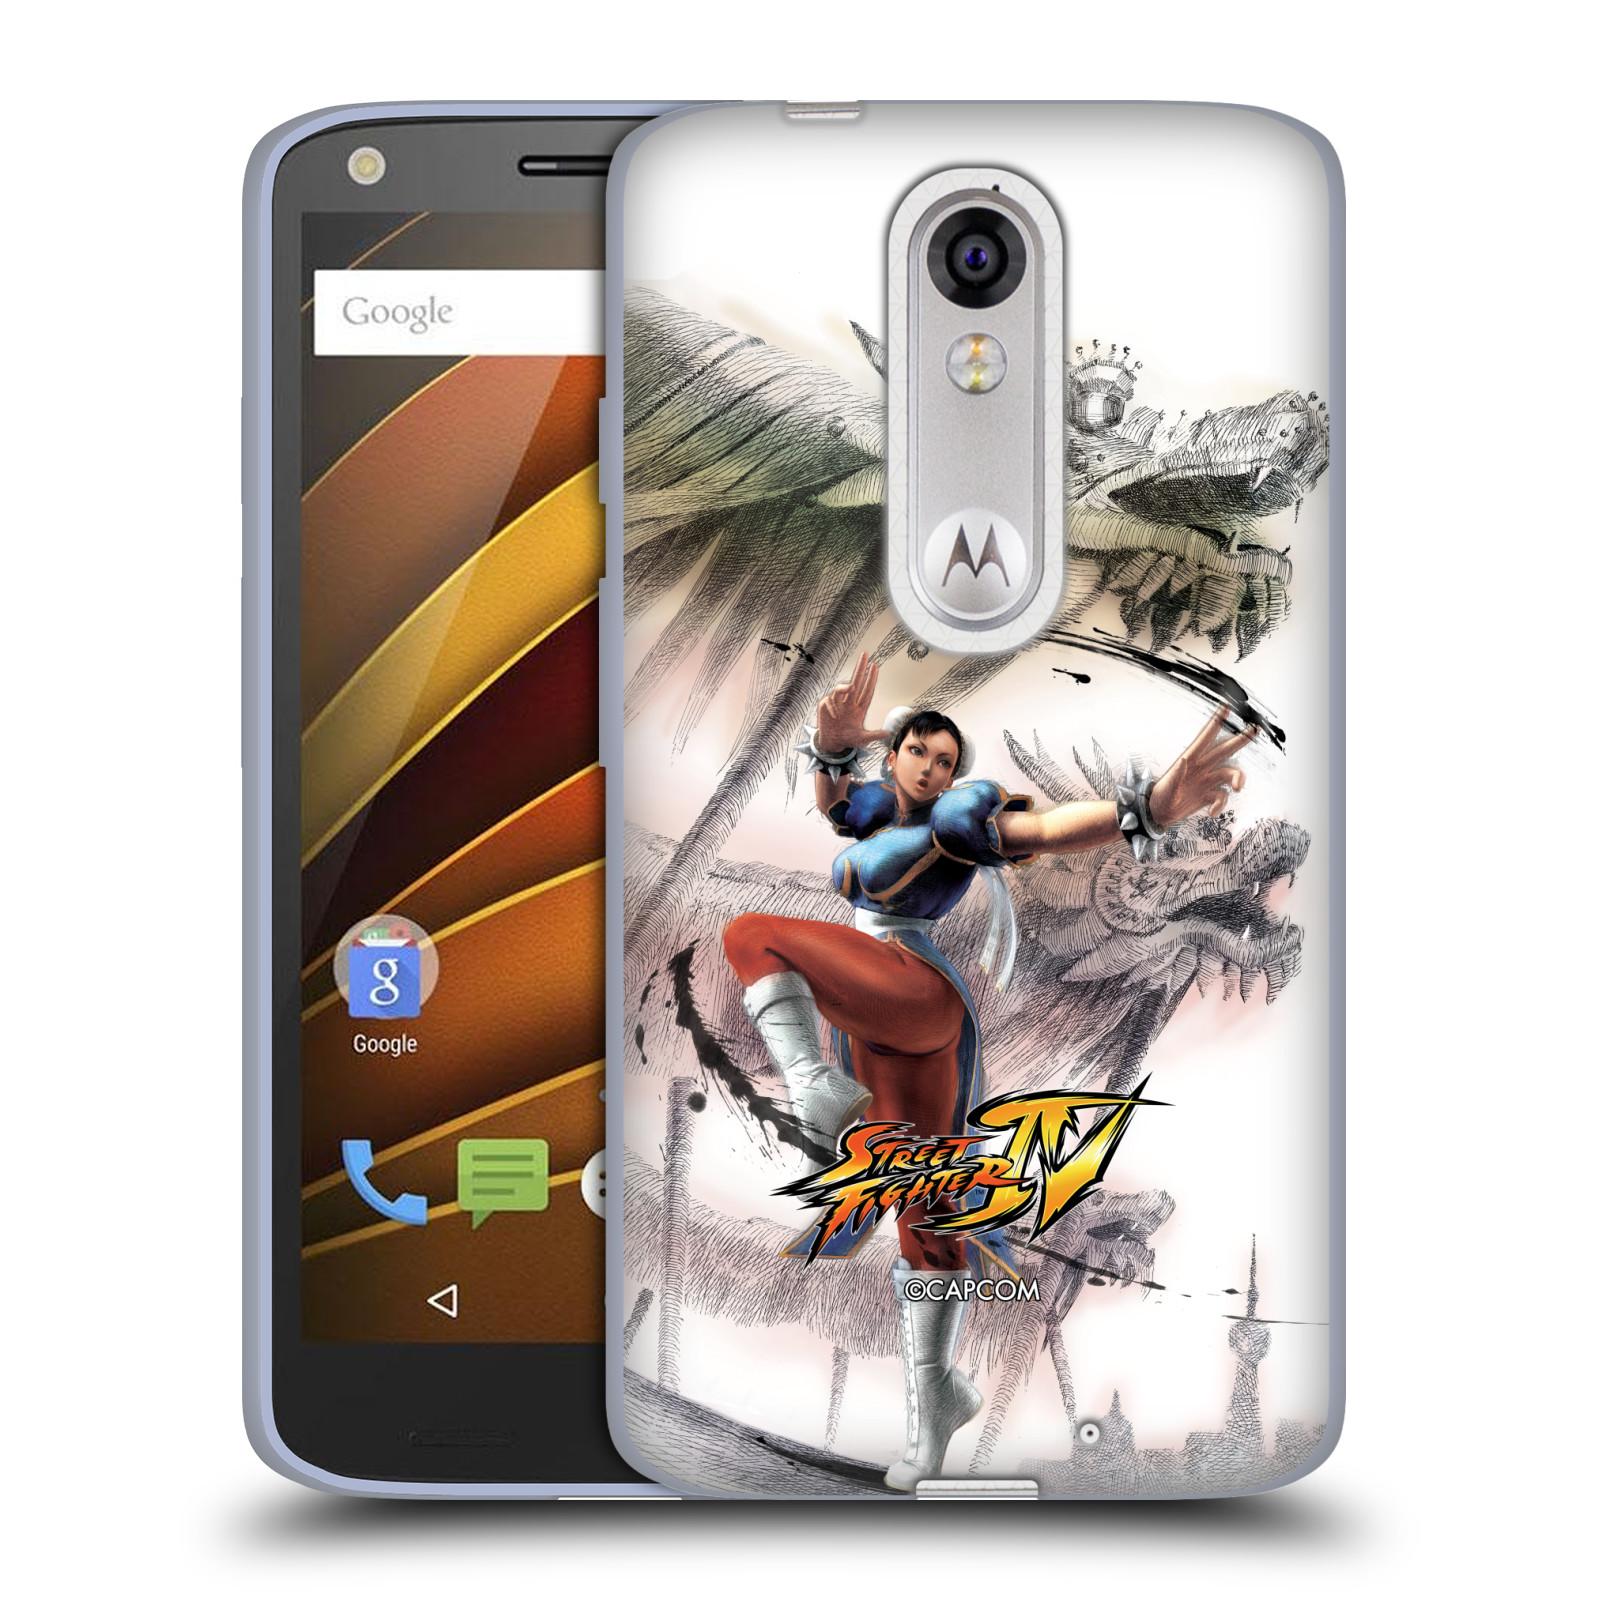 HEAD CASE silikonový obal na mobil Lenovo Moto X Force oficiální kryt STREET FIGHTER bojovnice Chun-Li kresba